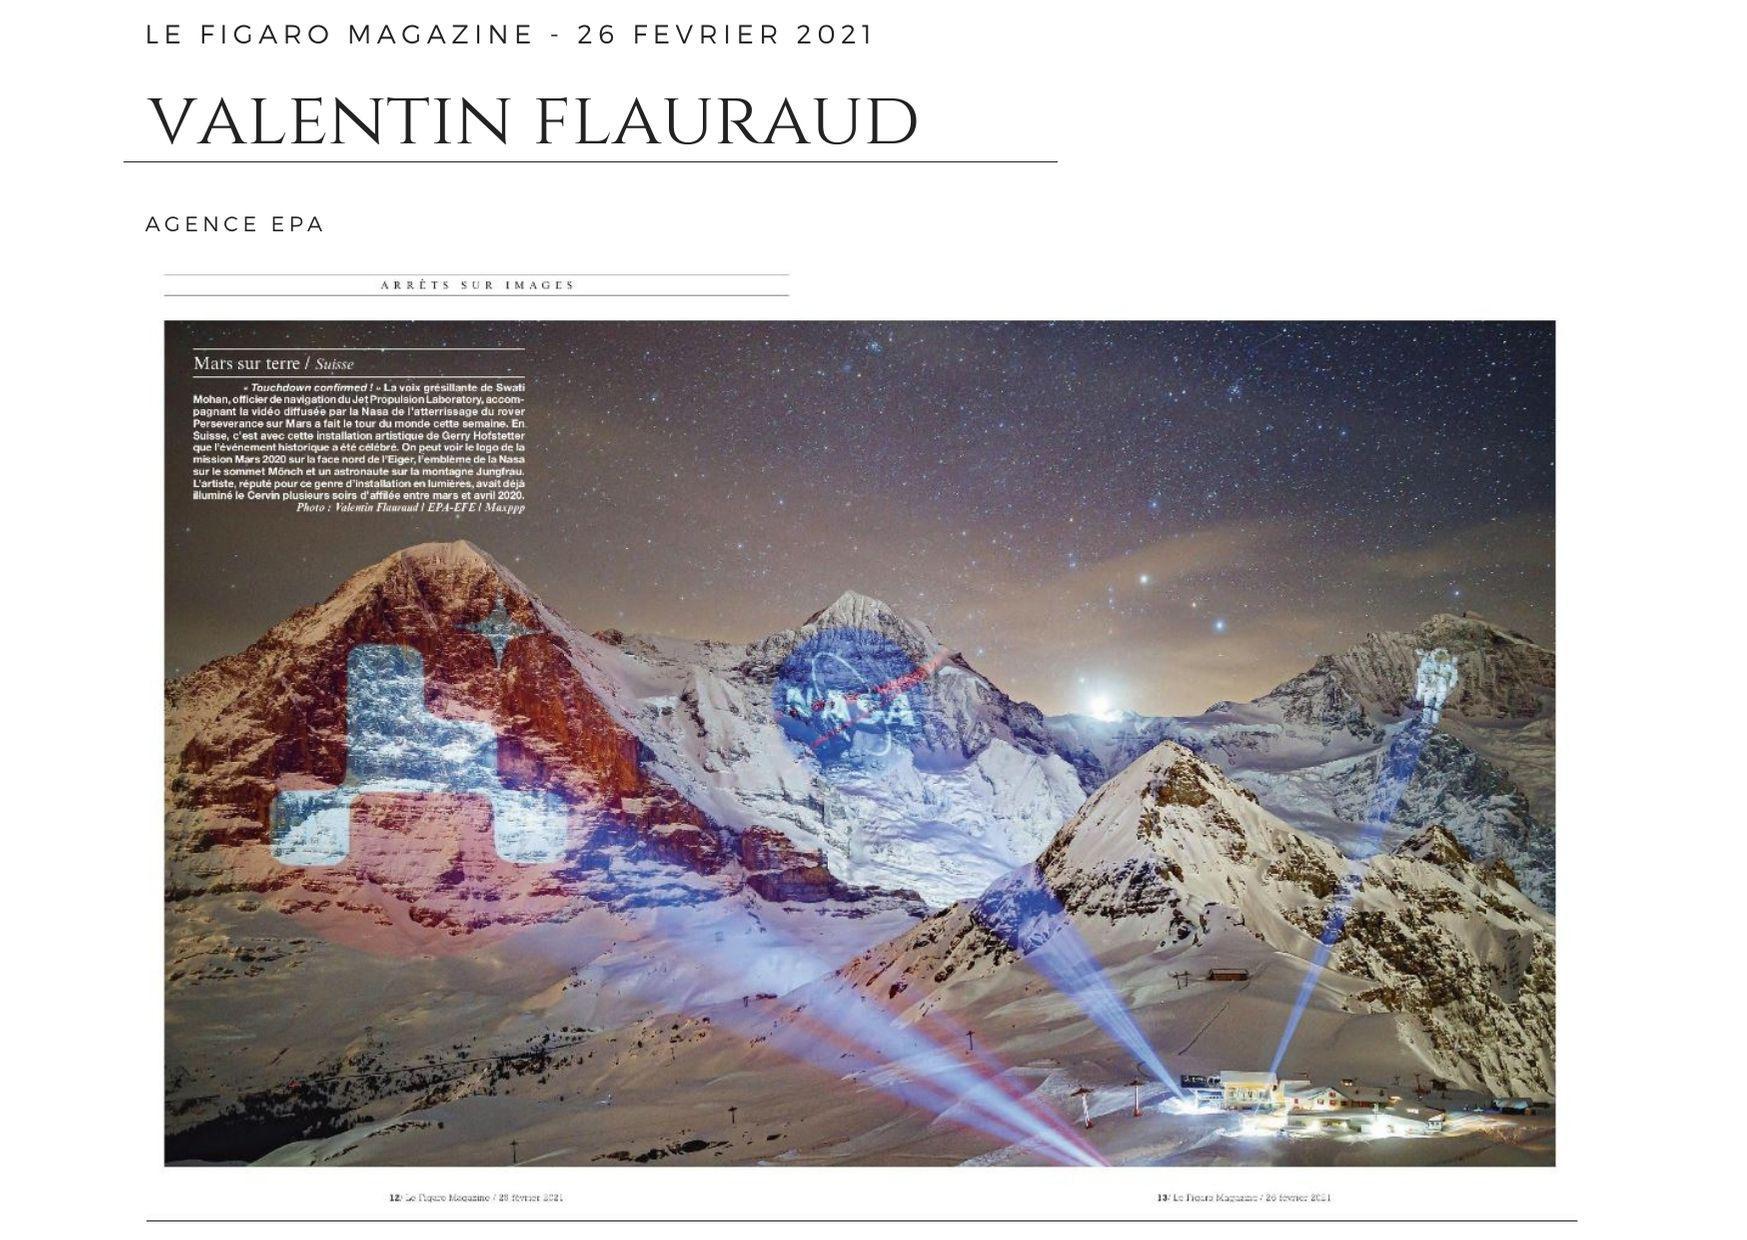 Figaro Magazine - 26 février 2021